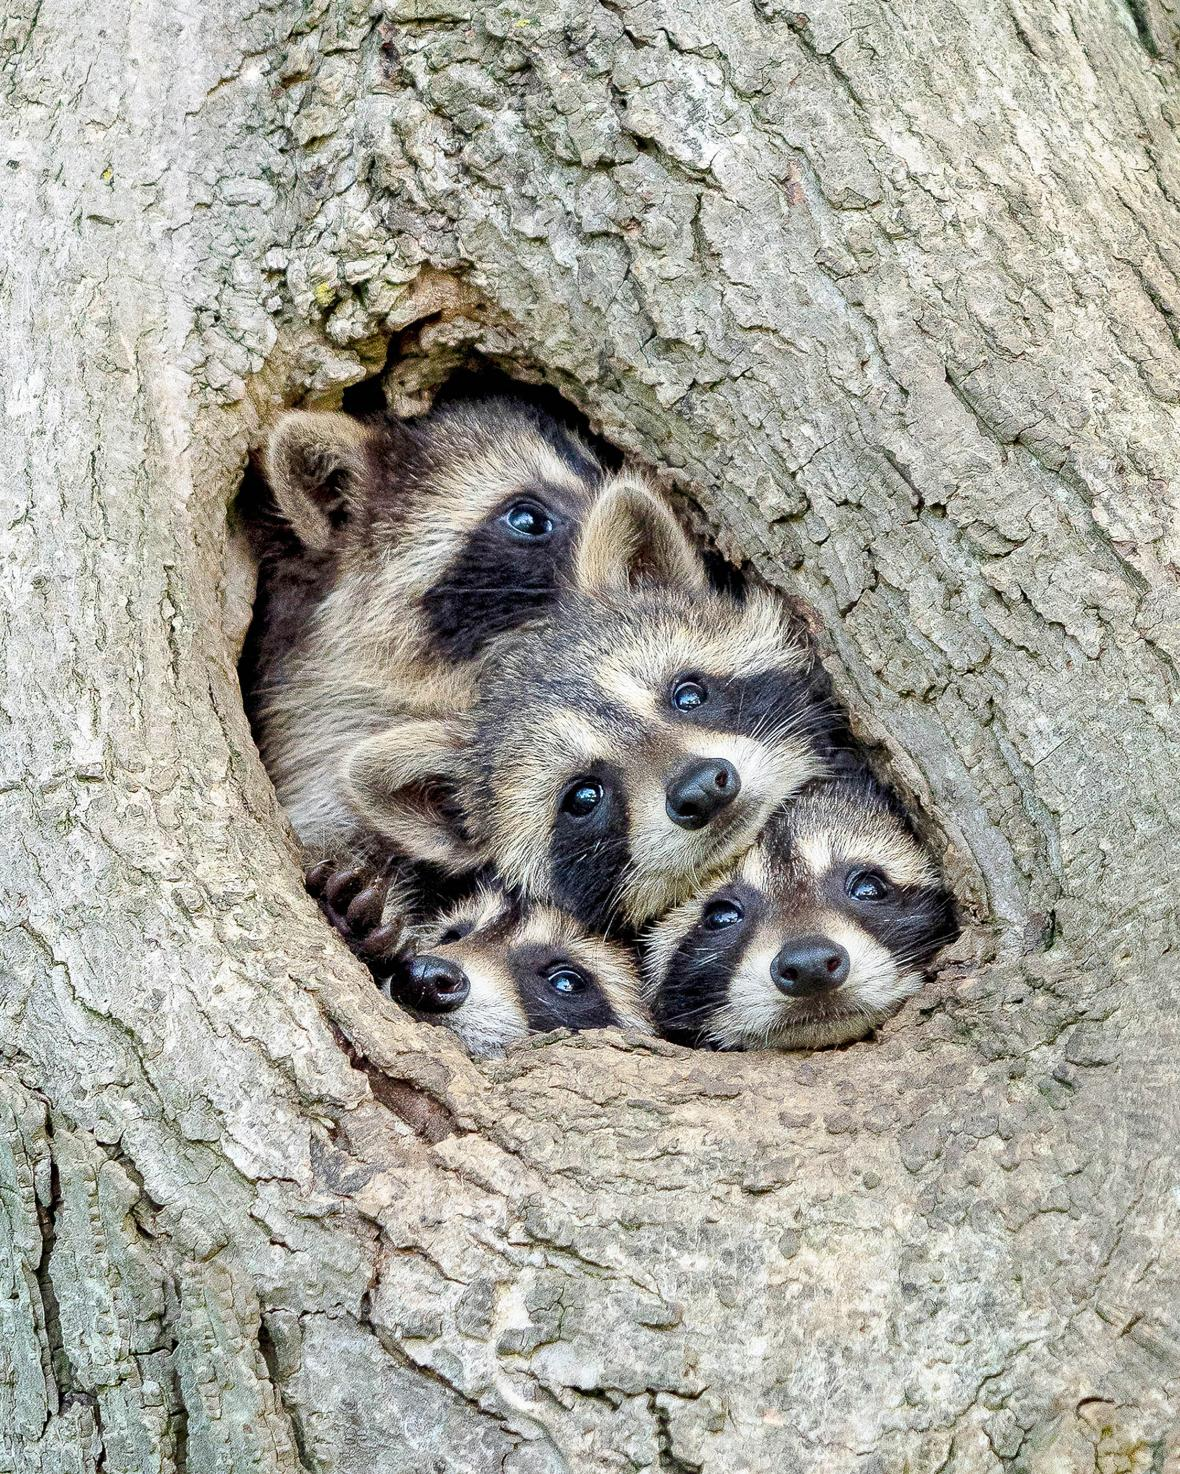 Μια οικογένεια ρακούν που αποτελείται από την μητέρα και τα τρία μικρά της έχουν στριμωχτεί μέσα σε μια κουφάλα δέντρου στο Οντάριο του Καναδά. Τα ρακούν δεν δημιουργούν μόνιμες φωλιές αλλά μετακινούνται καθημερινά σε διαφορετικό μέρος για να κοιμηθούν. Ο φωτογράφος εντόπισε αυτή την οικογένεια και έστησε την μηχανή του με τα μικρά ρακούν να βγάζουν με περιέργεια τα κεφάλι τους έξω από την τρύπα για να κοιτάξουν τι συμβαίνει ενώ η μητέρα δείχνει αδιάφορη